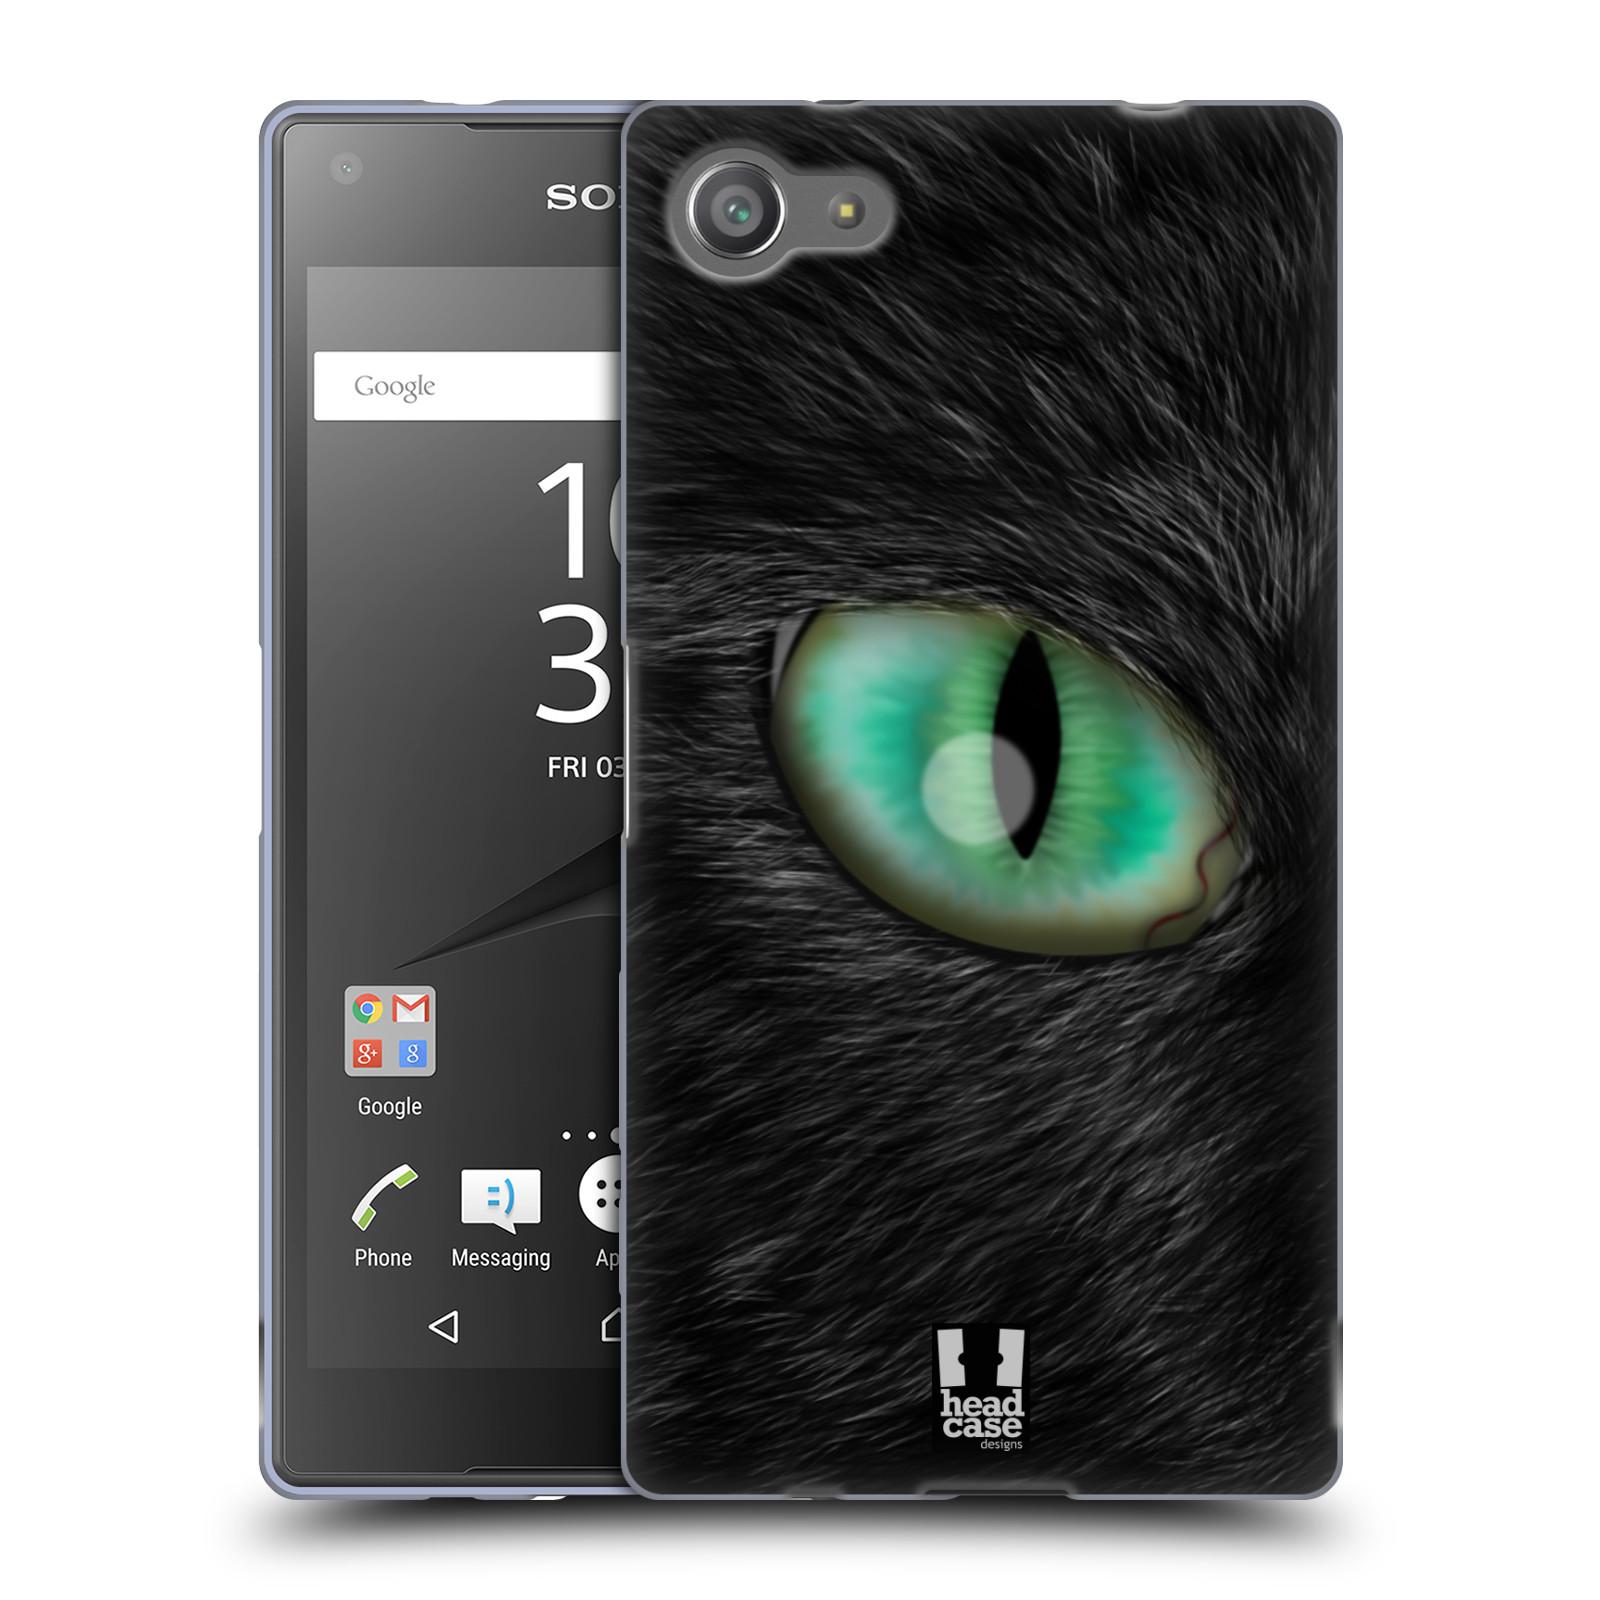 HEAD CASE silikonový obal na mobil Sony Xperia Z5 COMPACT vzor pohled zvířete oko kočka